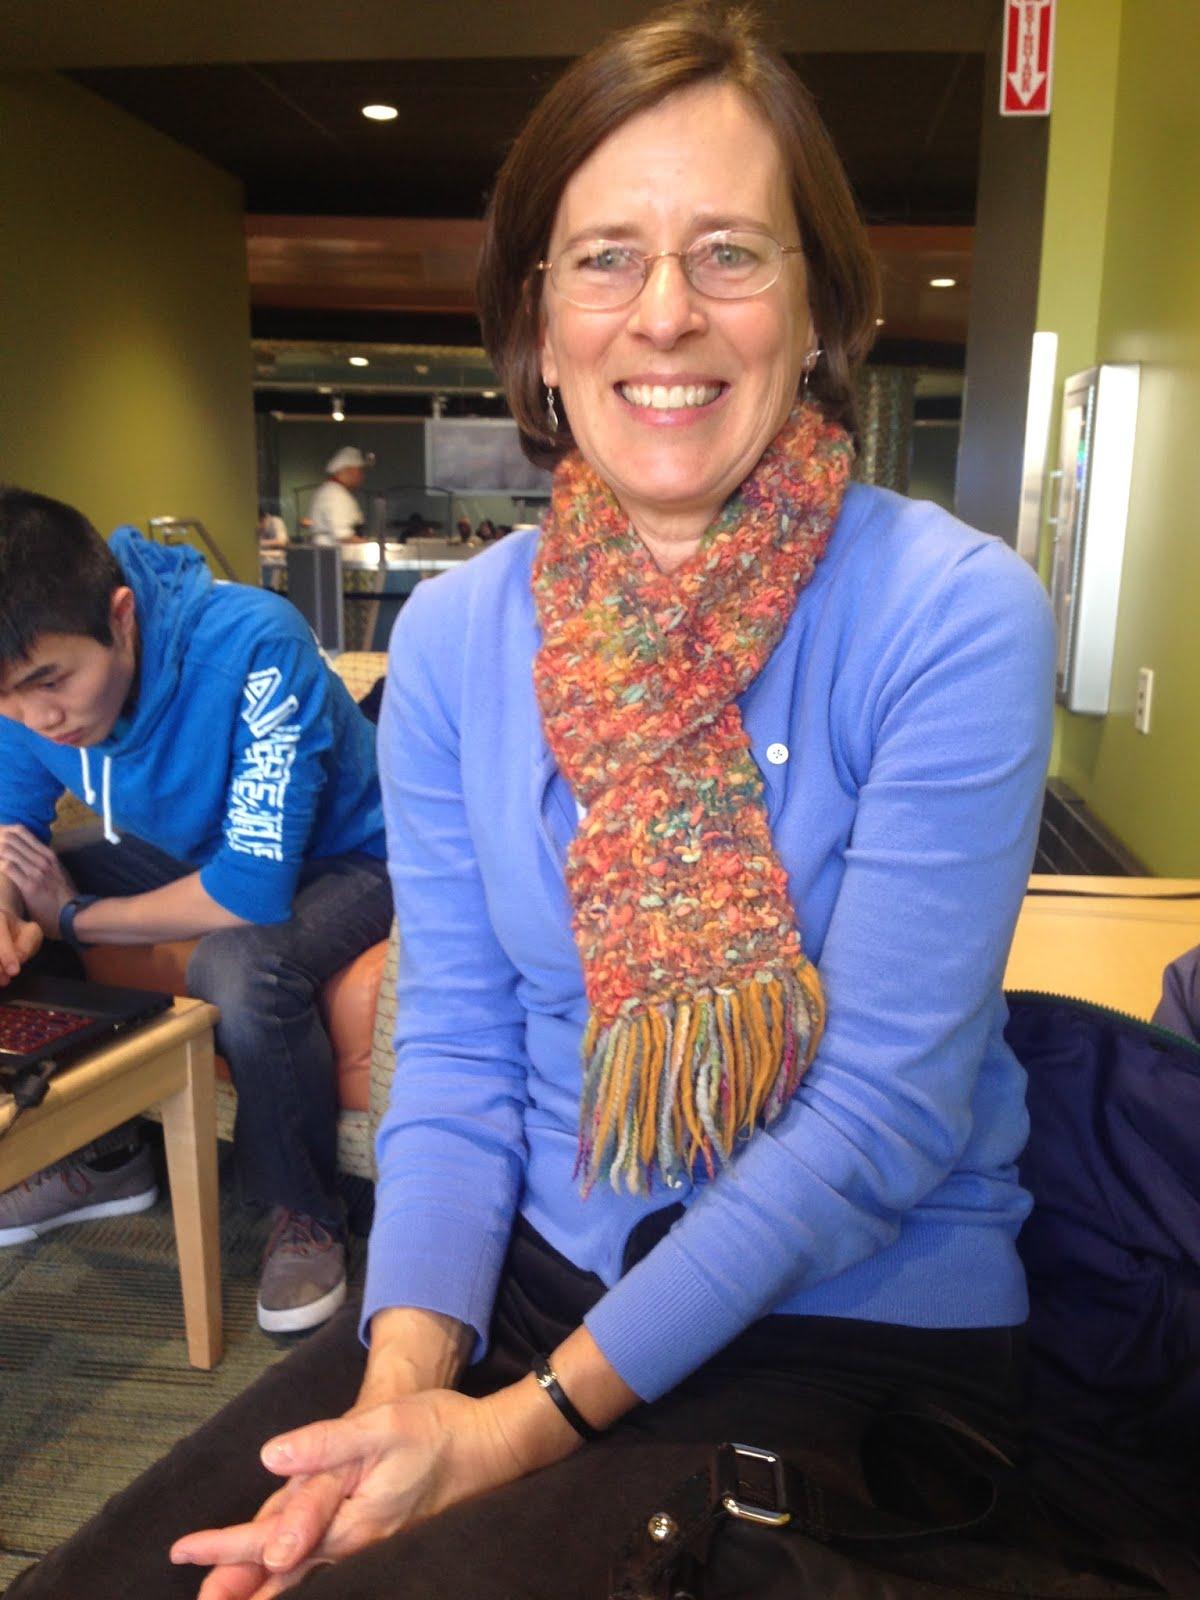 Cathy Frankenbach